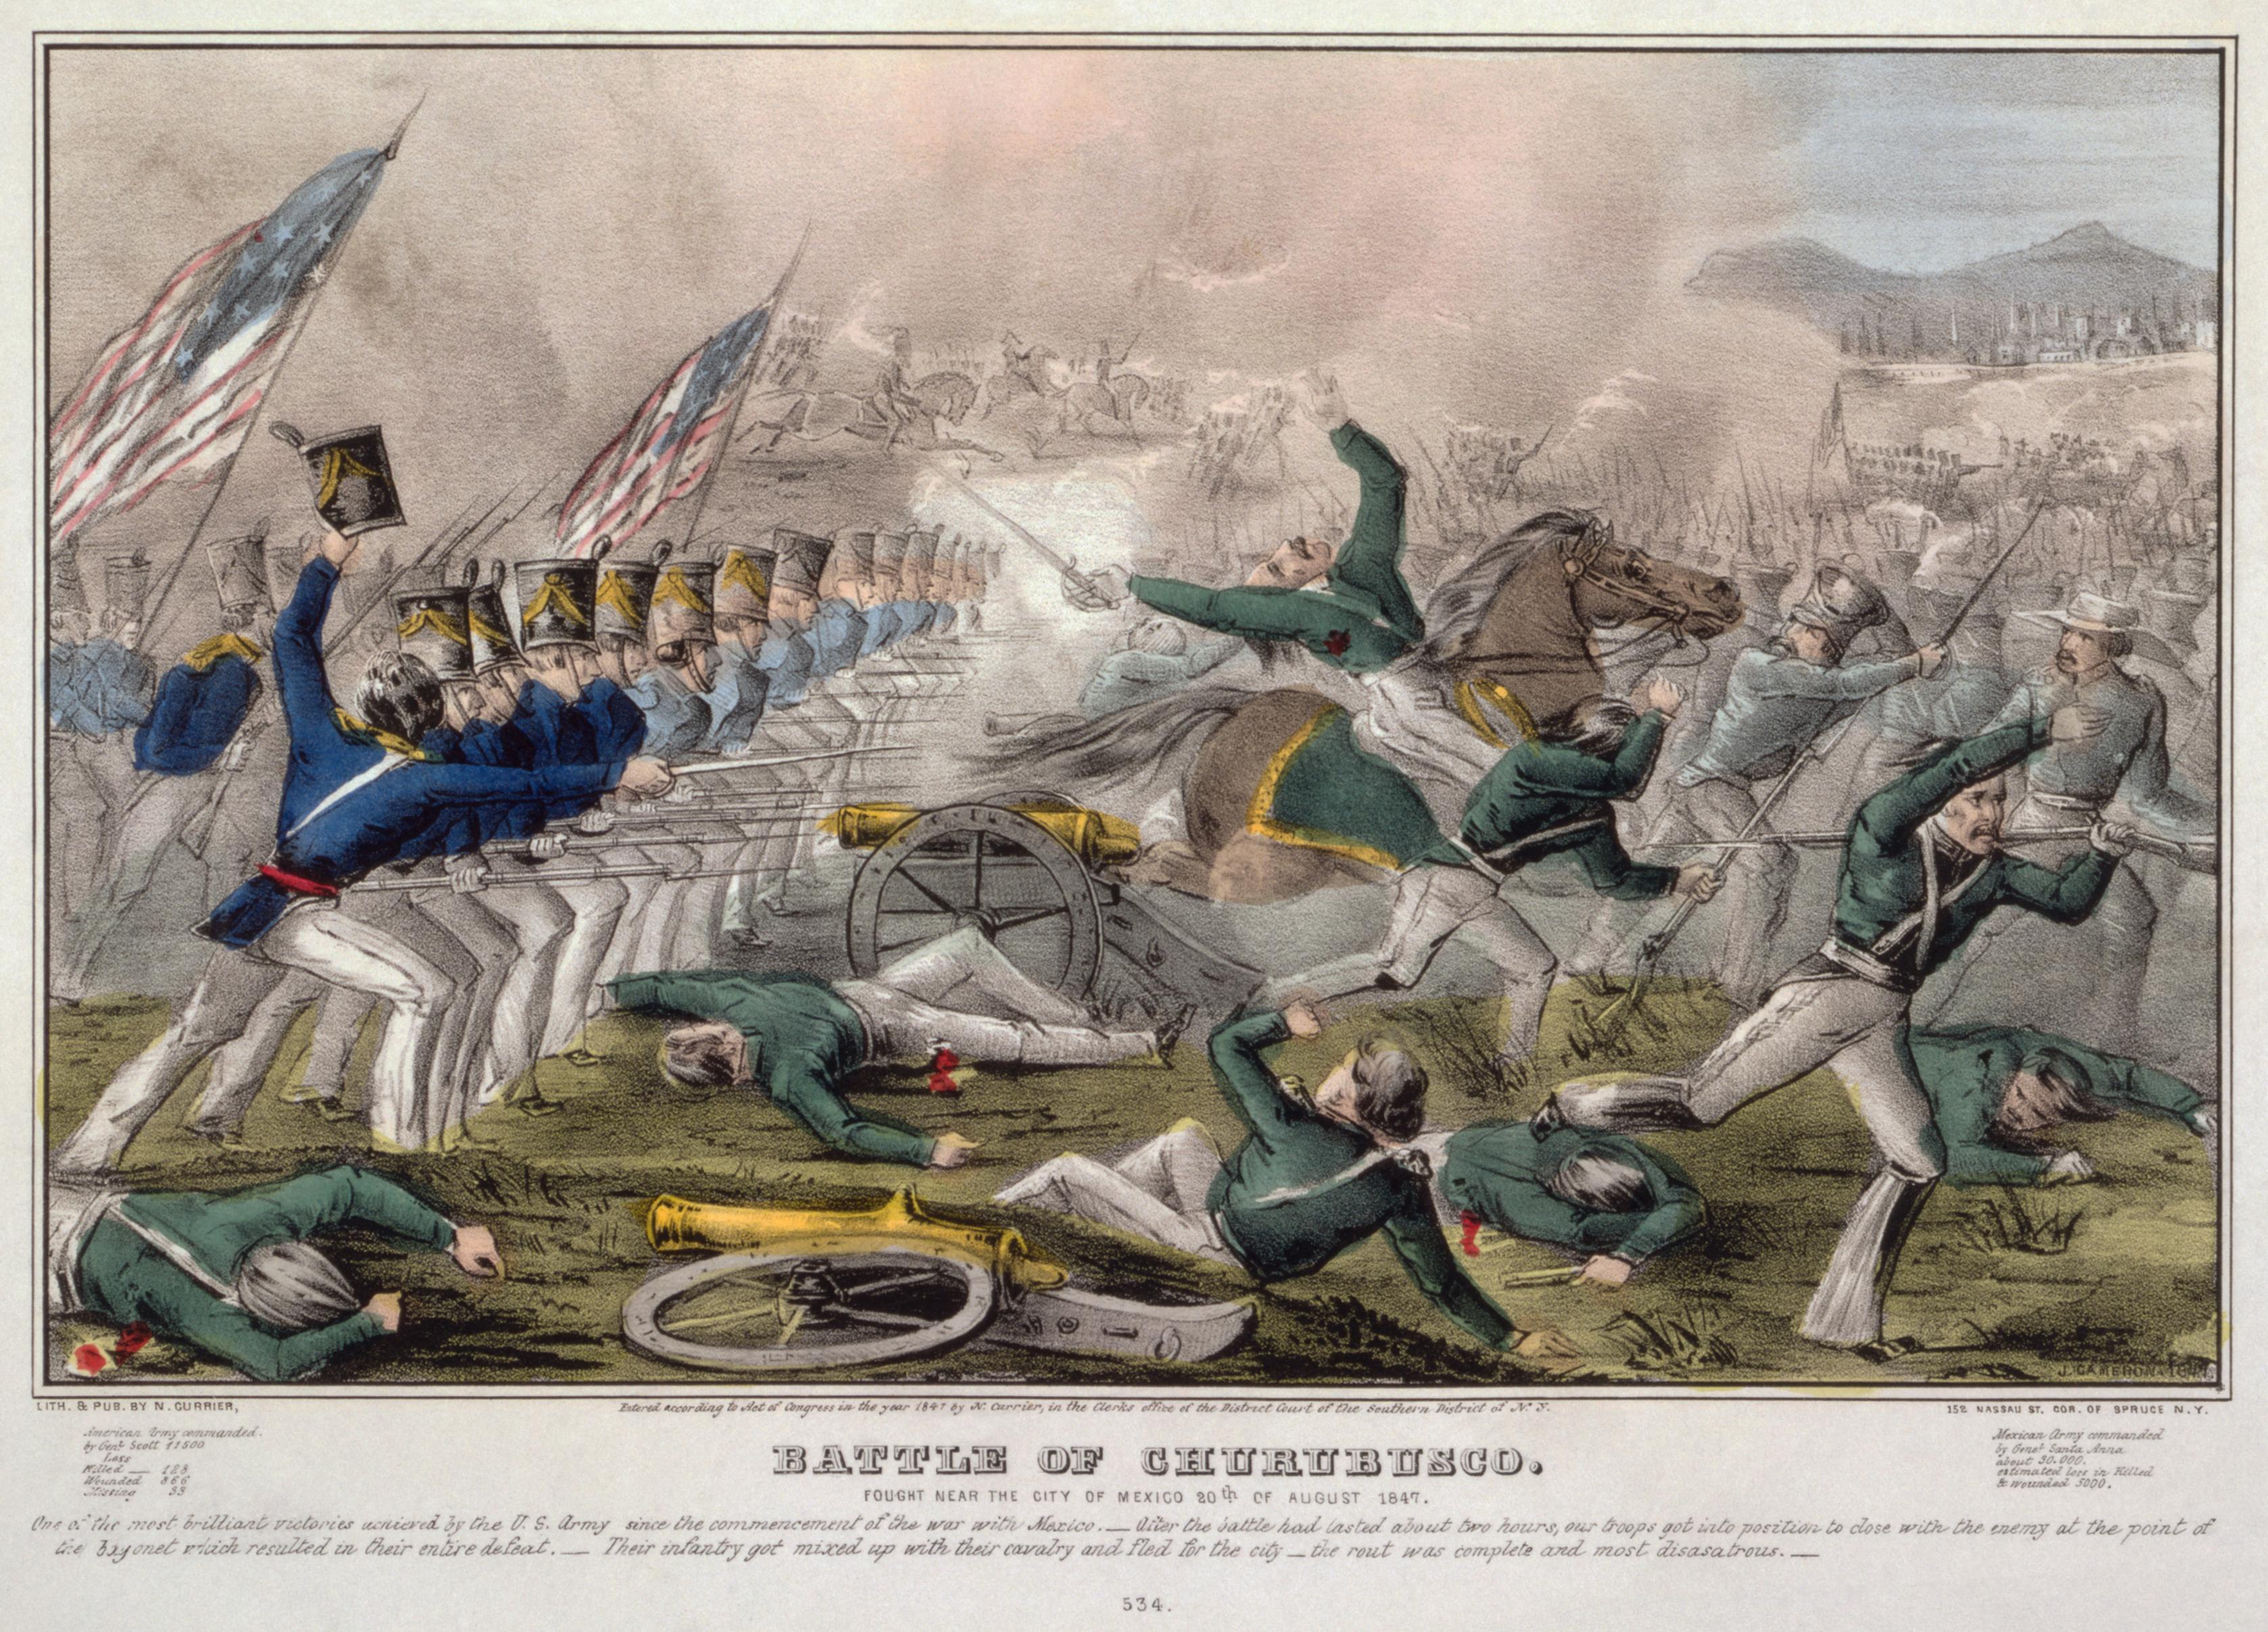 Battle of Churubusco by J Cameron published